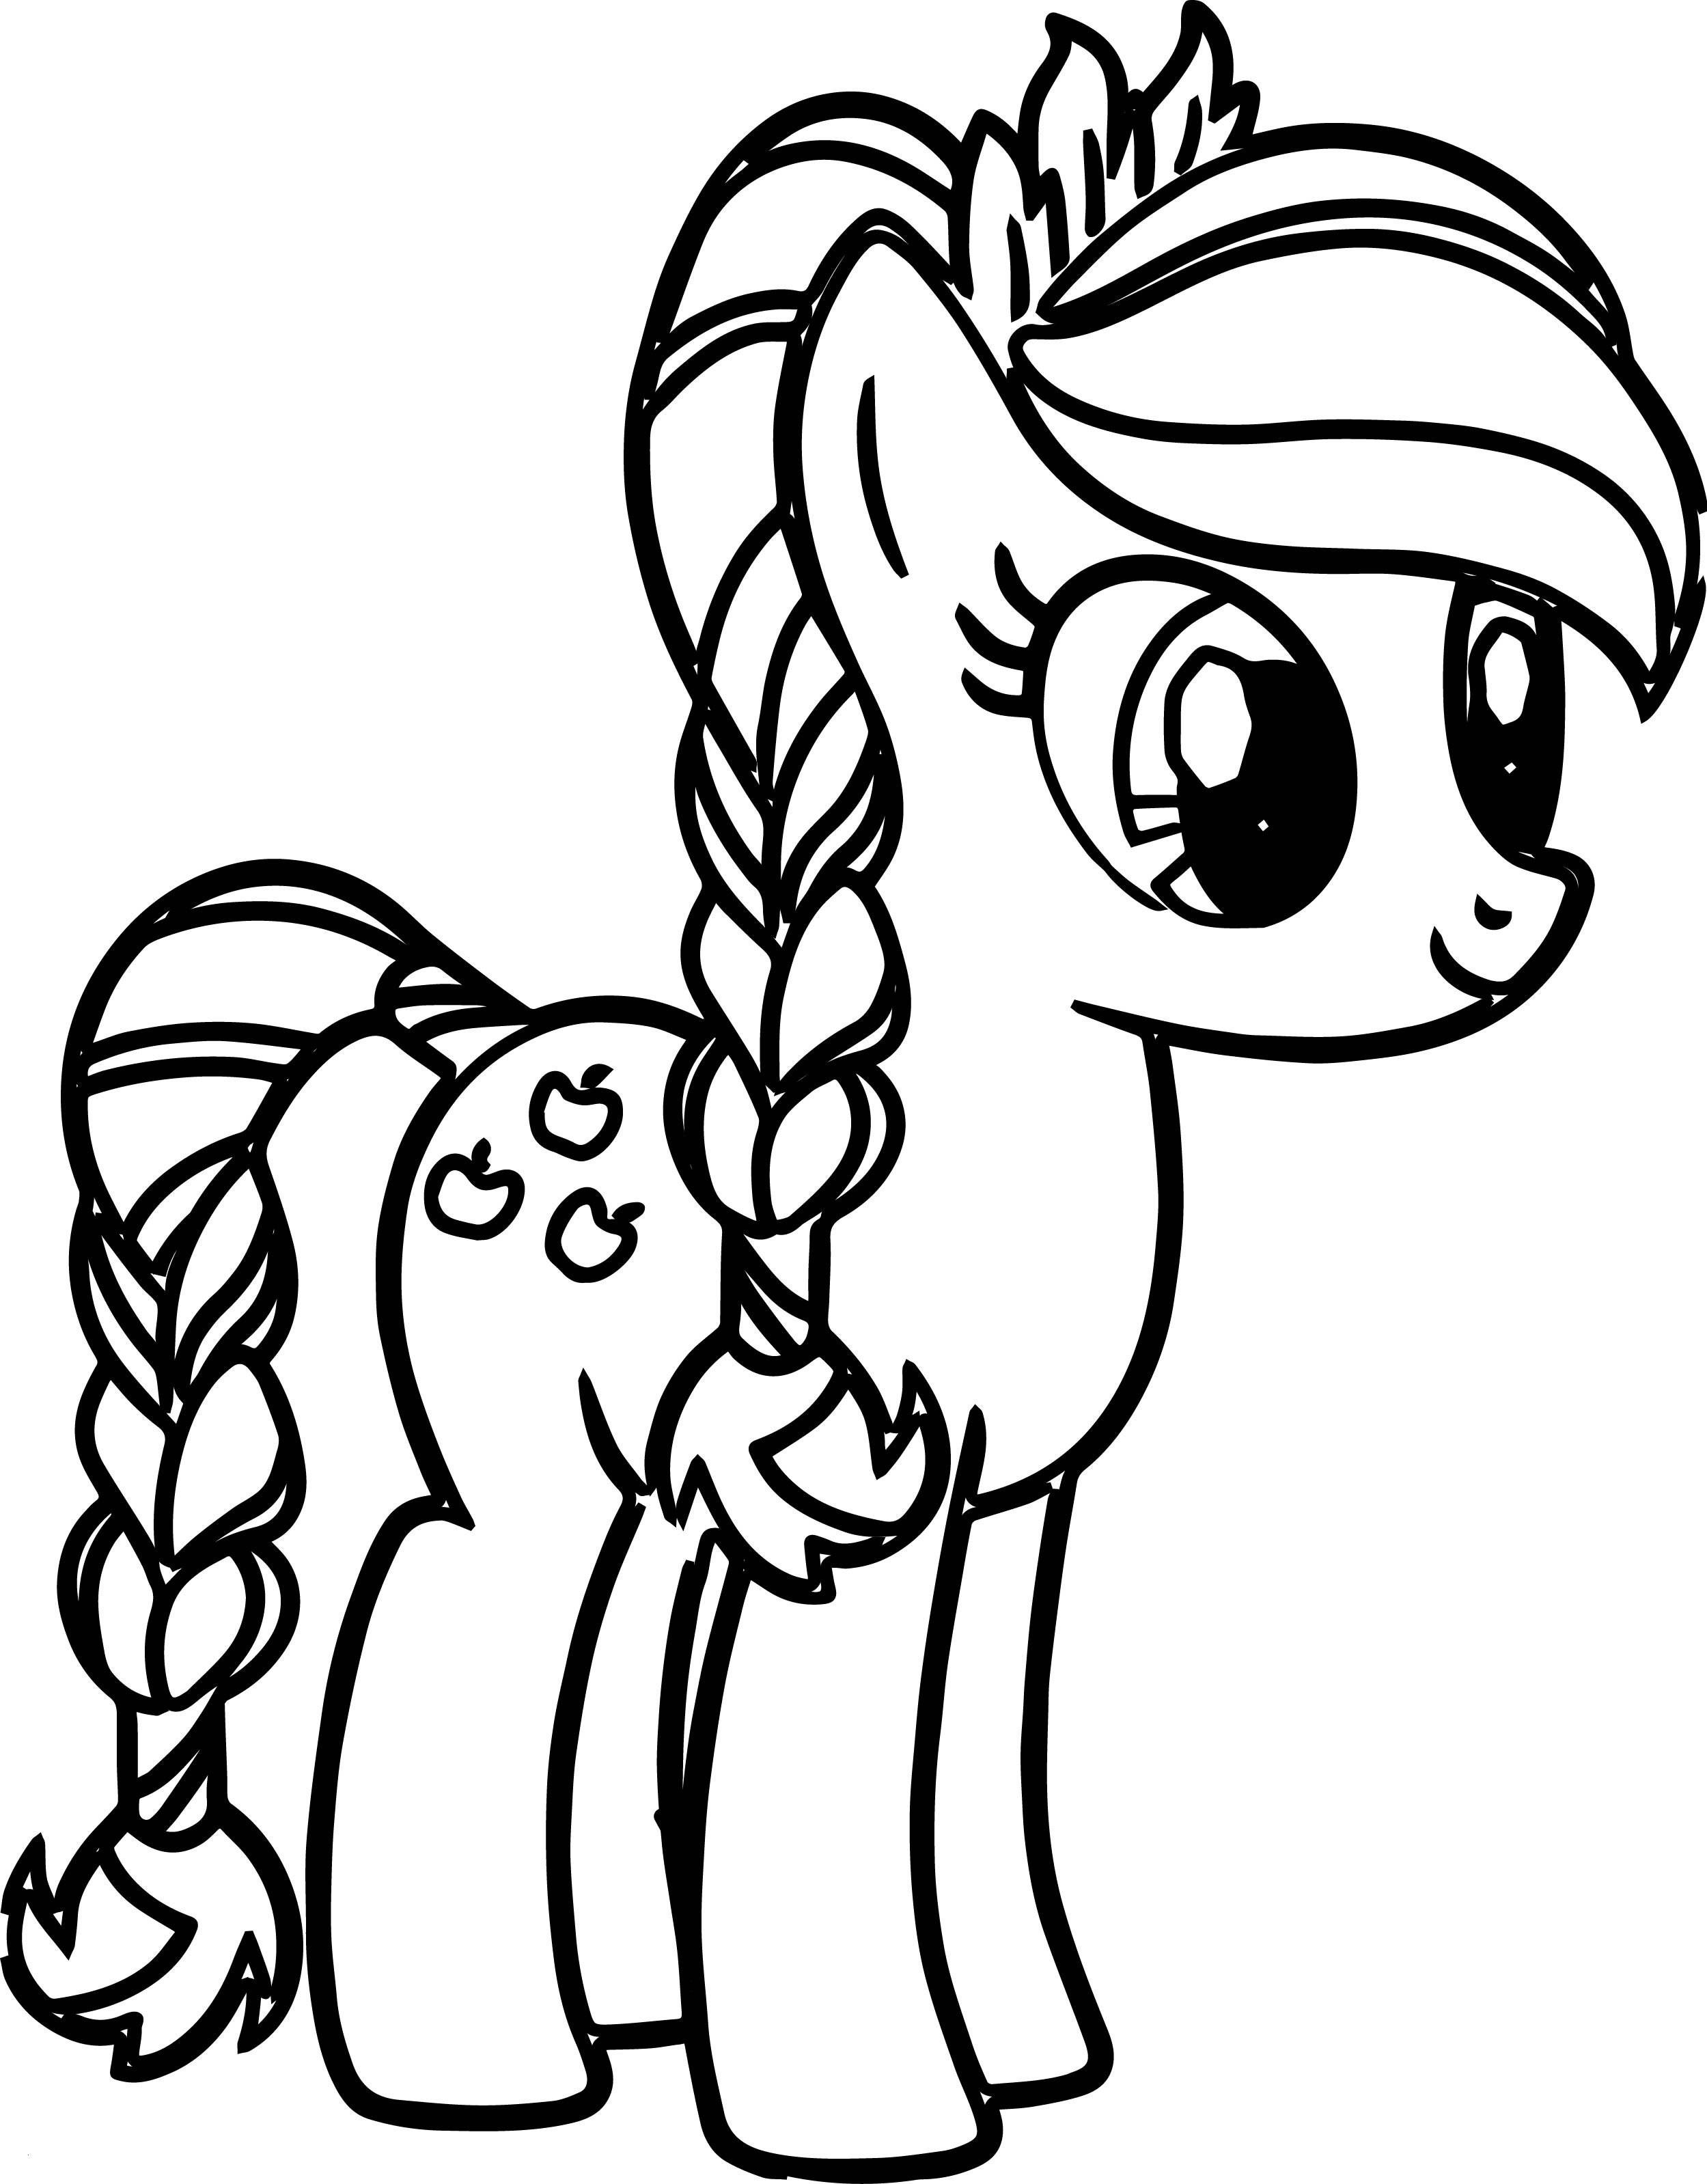 My Little Pony Friendship is Magic Ausmalbilder Einzigartig 44 Ehrfürchtig My Little Pony Nightmare Moon Ausmalbilder Sammlung